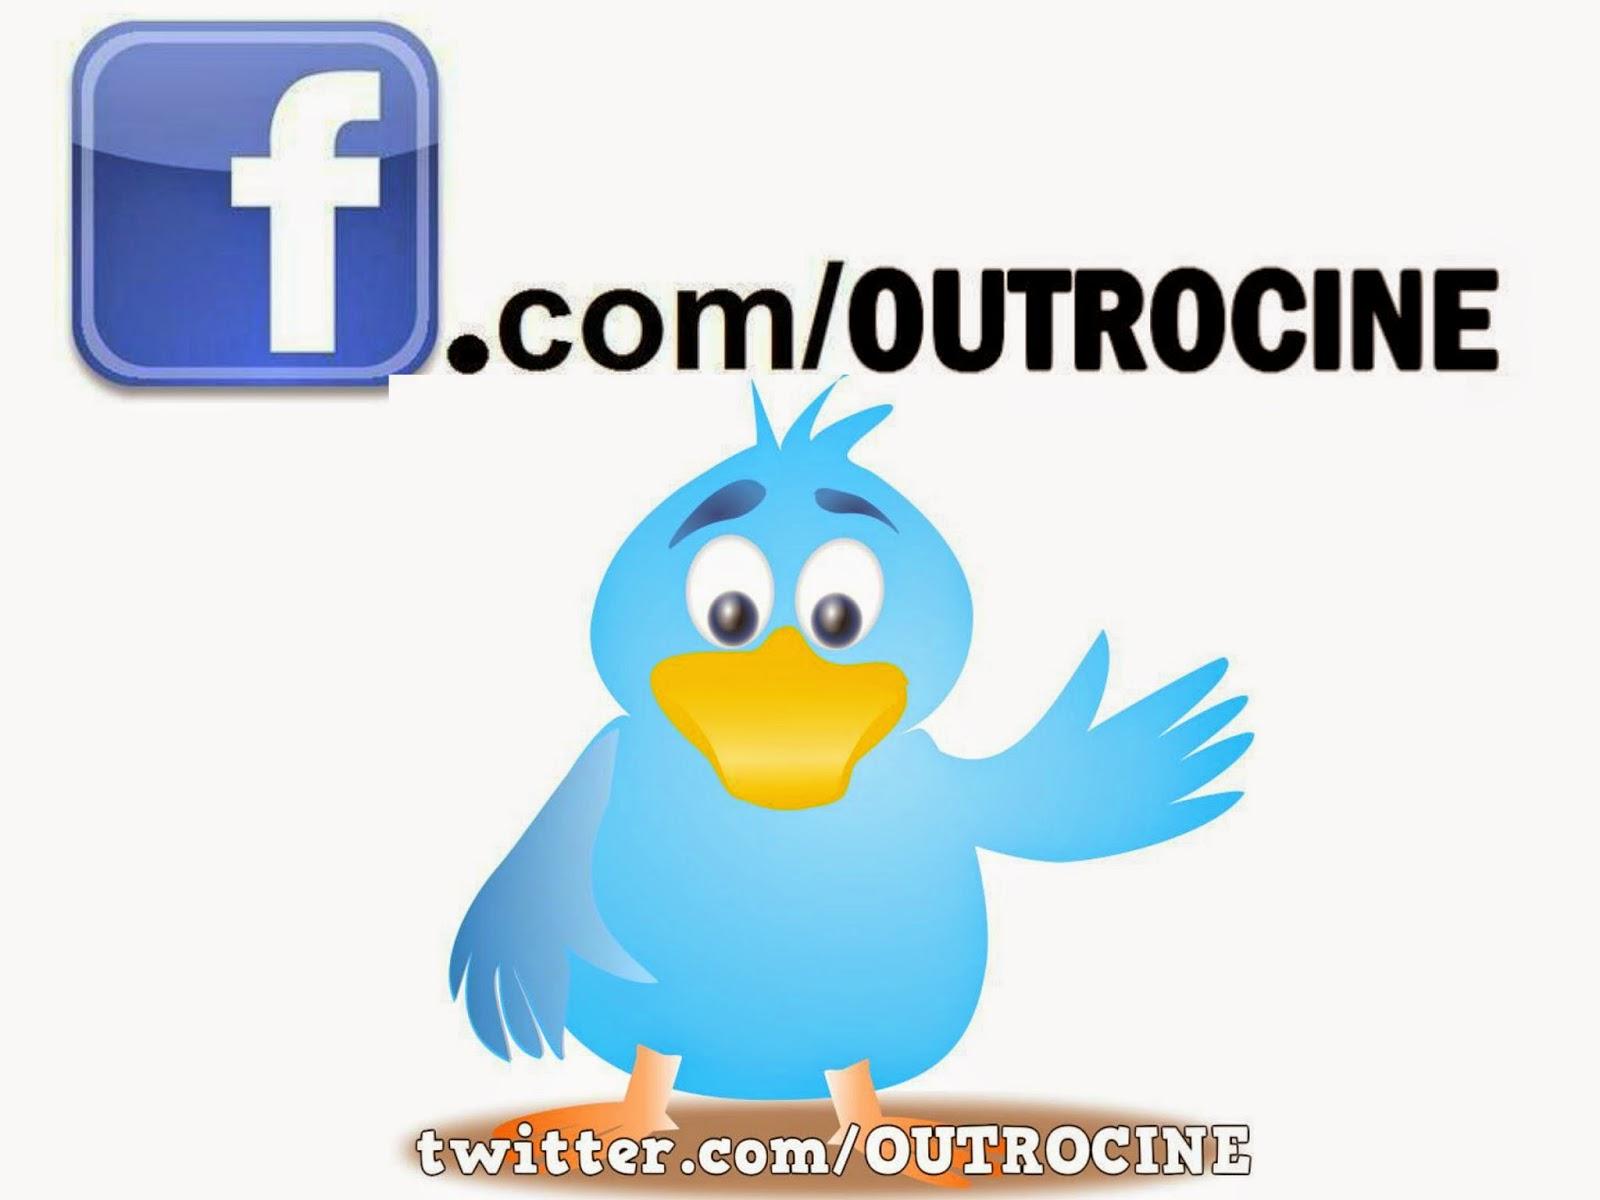 facebook.com/outrocine twitter.com/outrocine